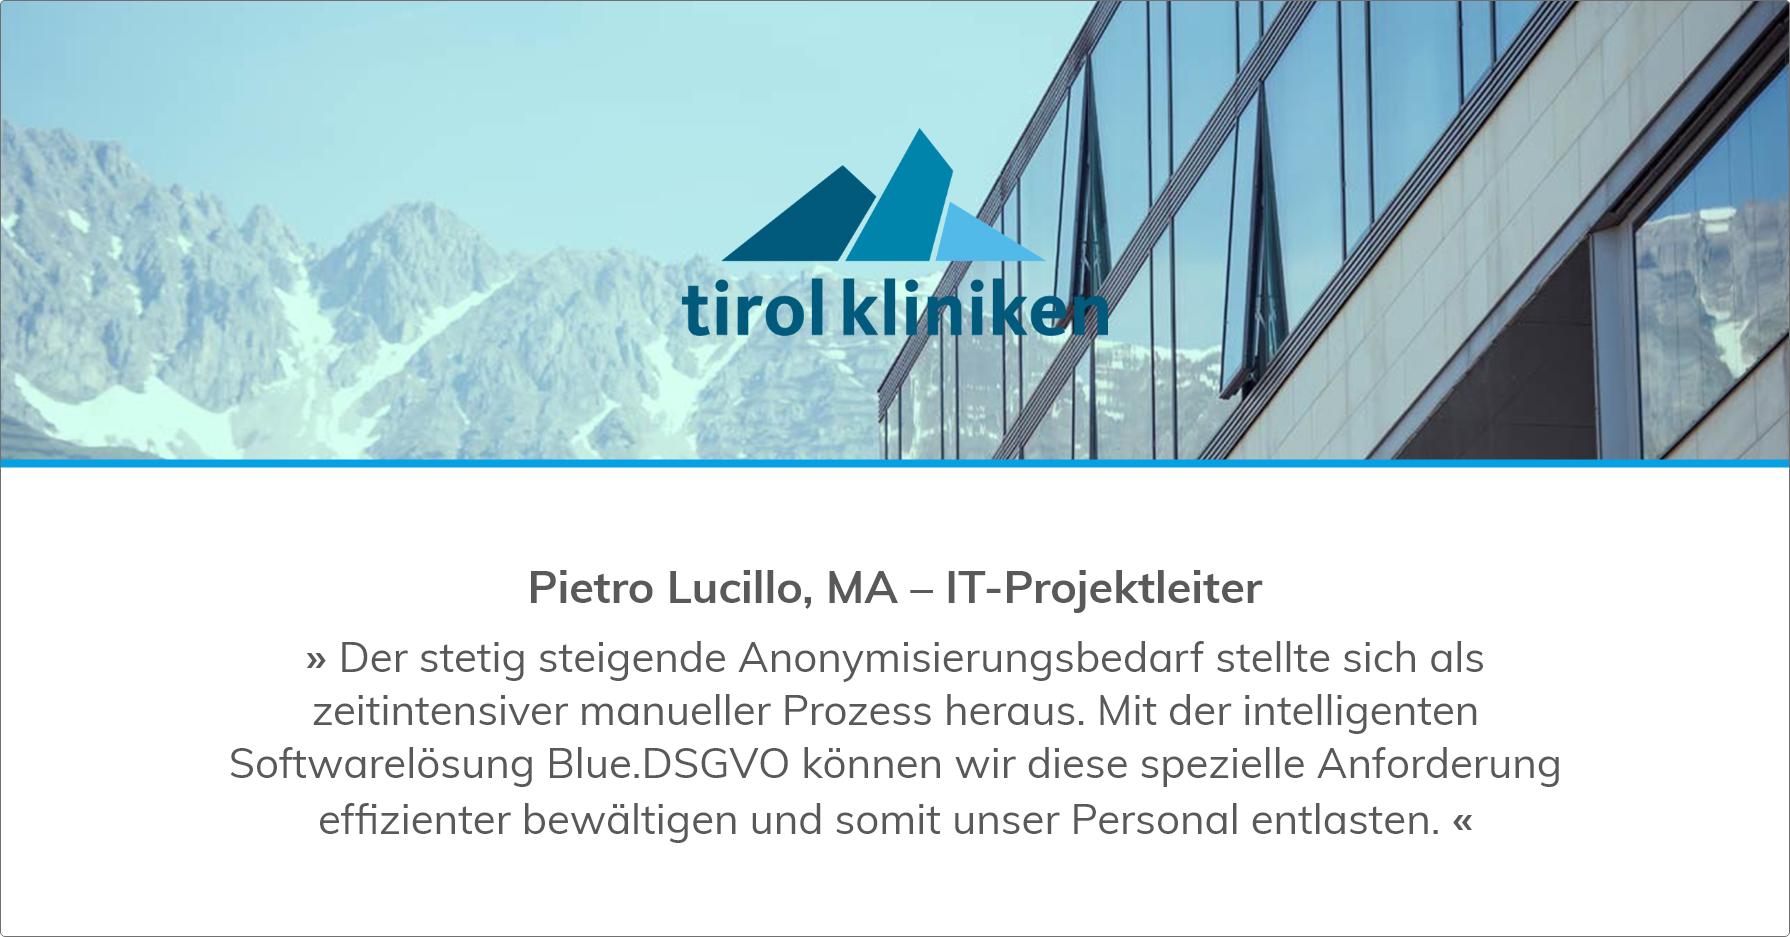 Tirol Kliniken with Blue.DSGVO